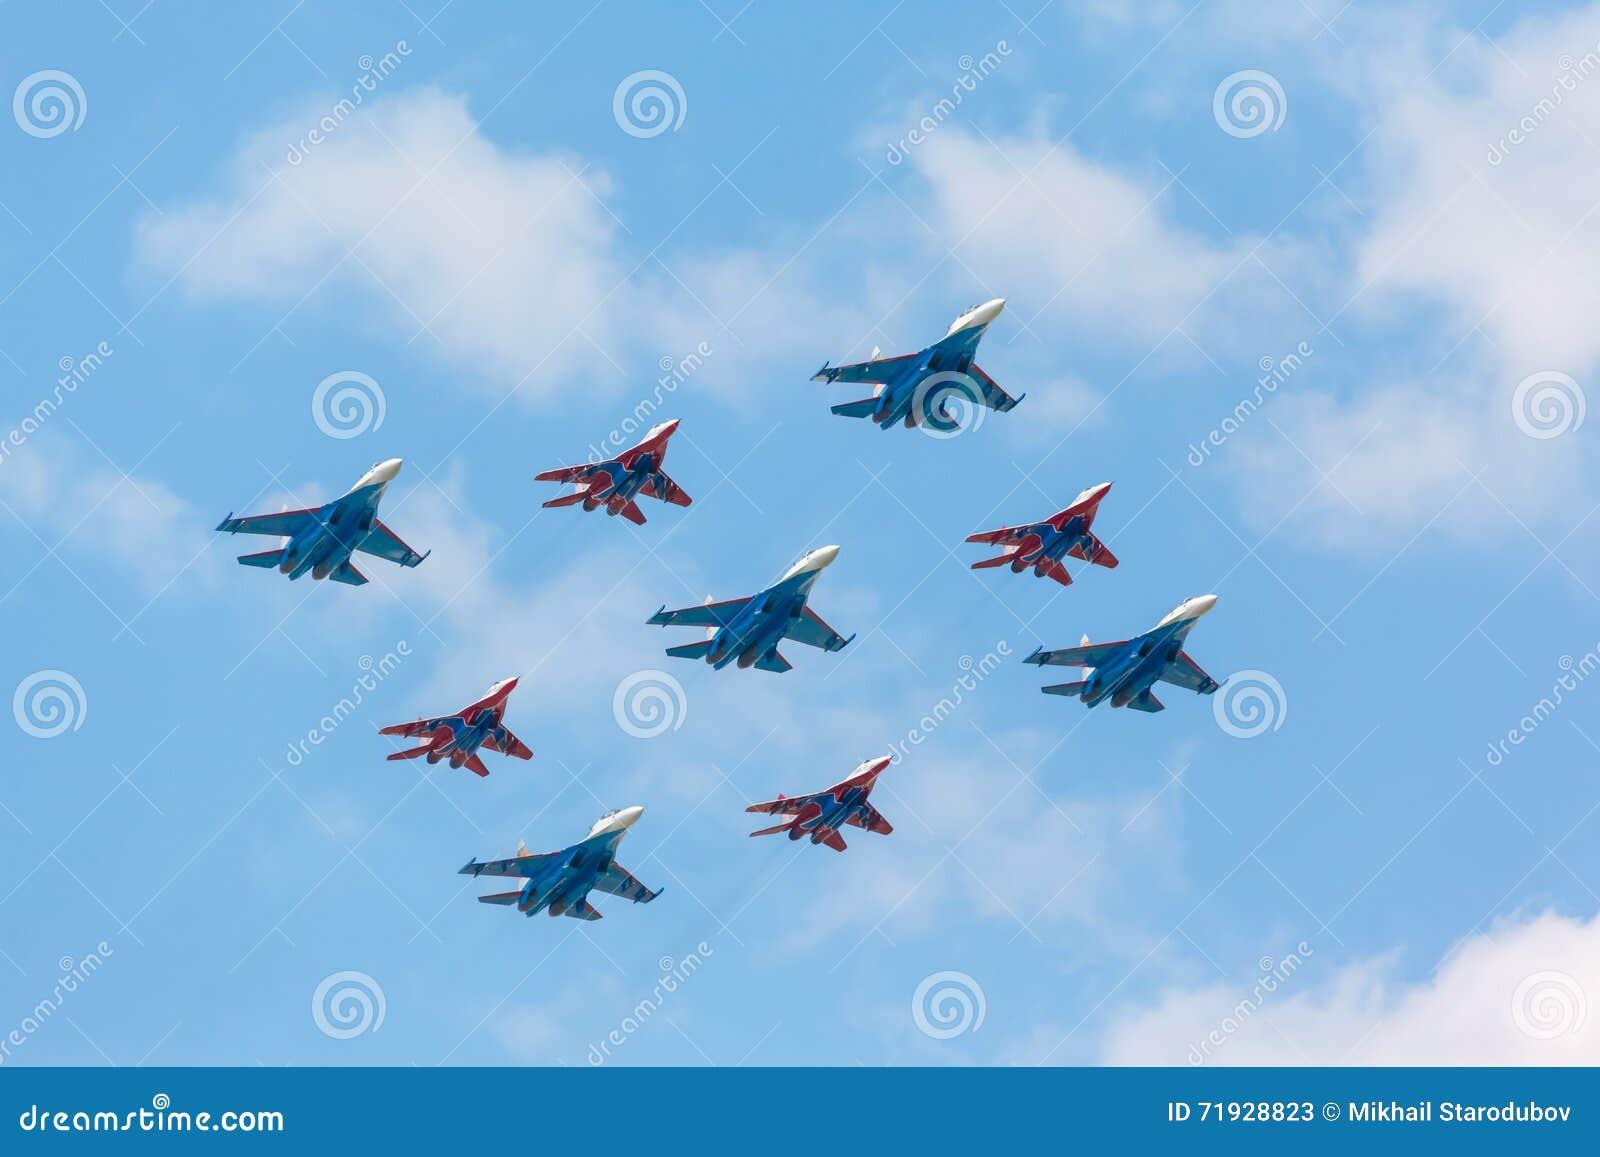 Истребительная авиация Su-27 и Mig-29 пилотируемая членами рыцарей и Swifts русского